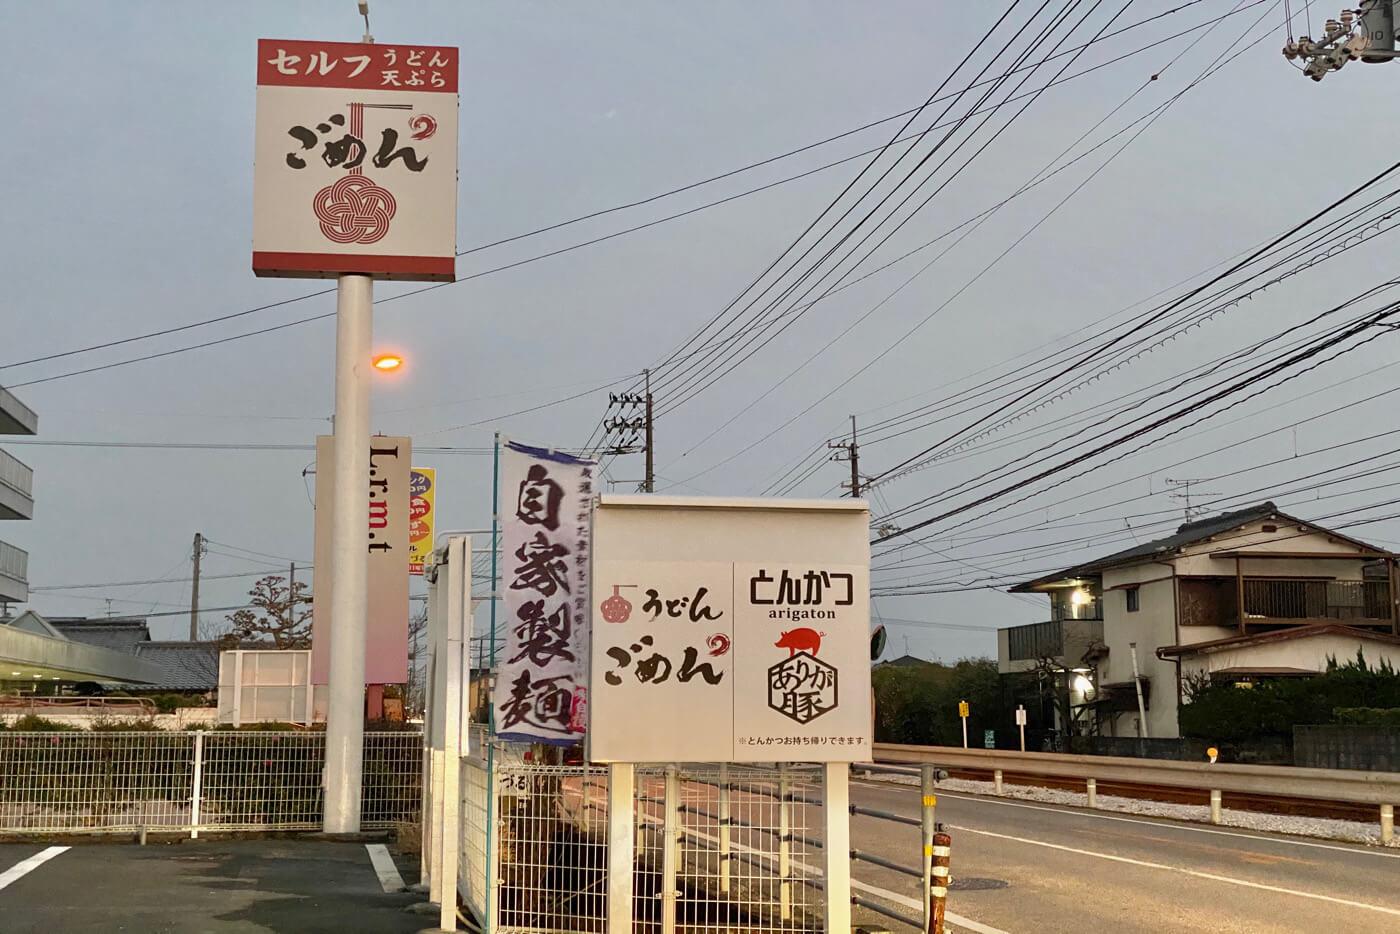 ありが豚とセルフうどんごめん共同店舗道路沿いの看板